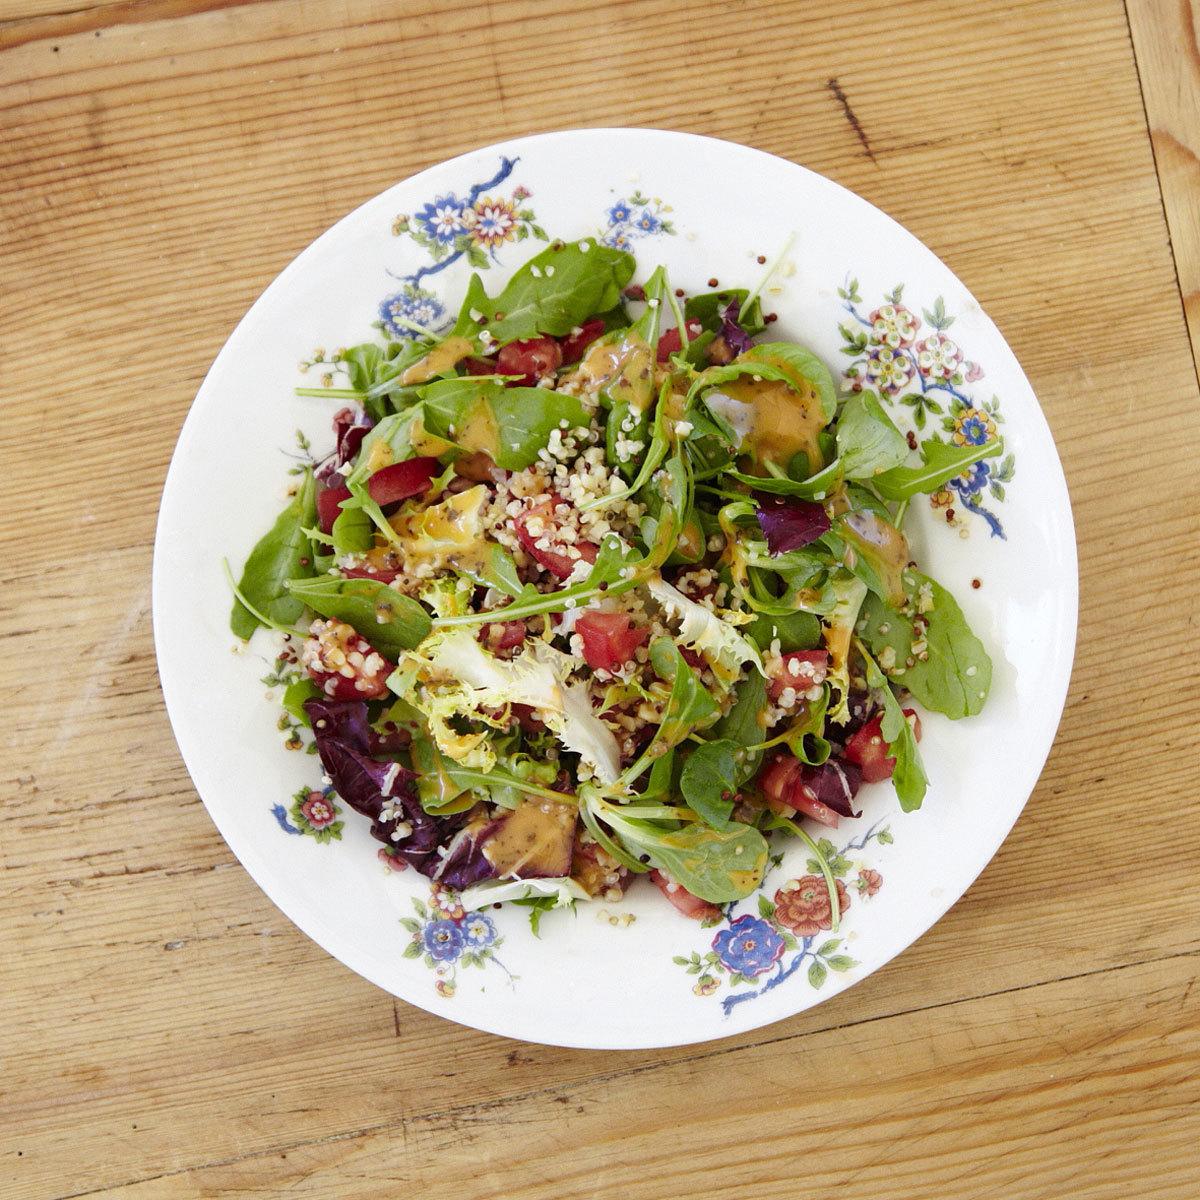 Ensalada gourmet con quinoa de Samantha Vallejo-Nájera